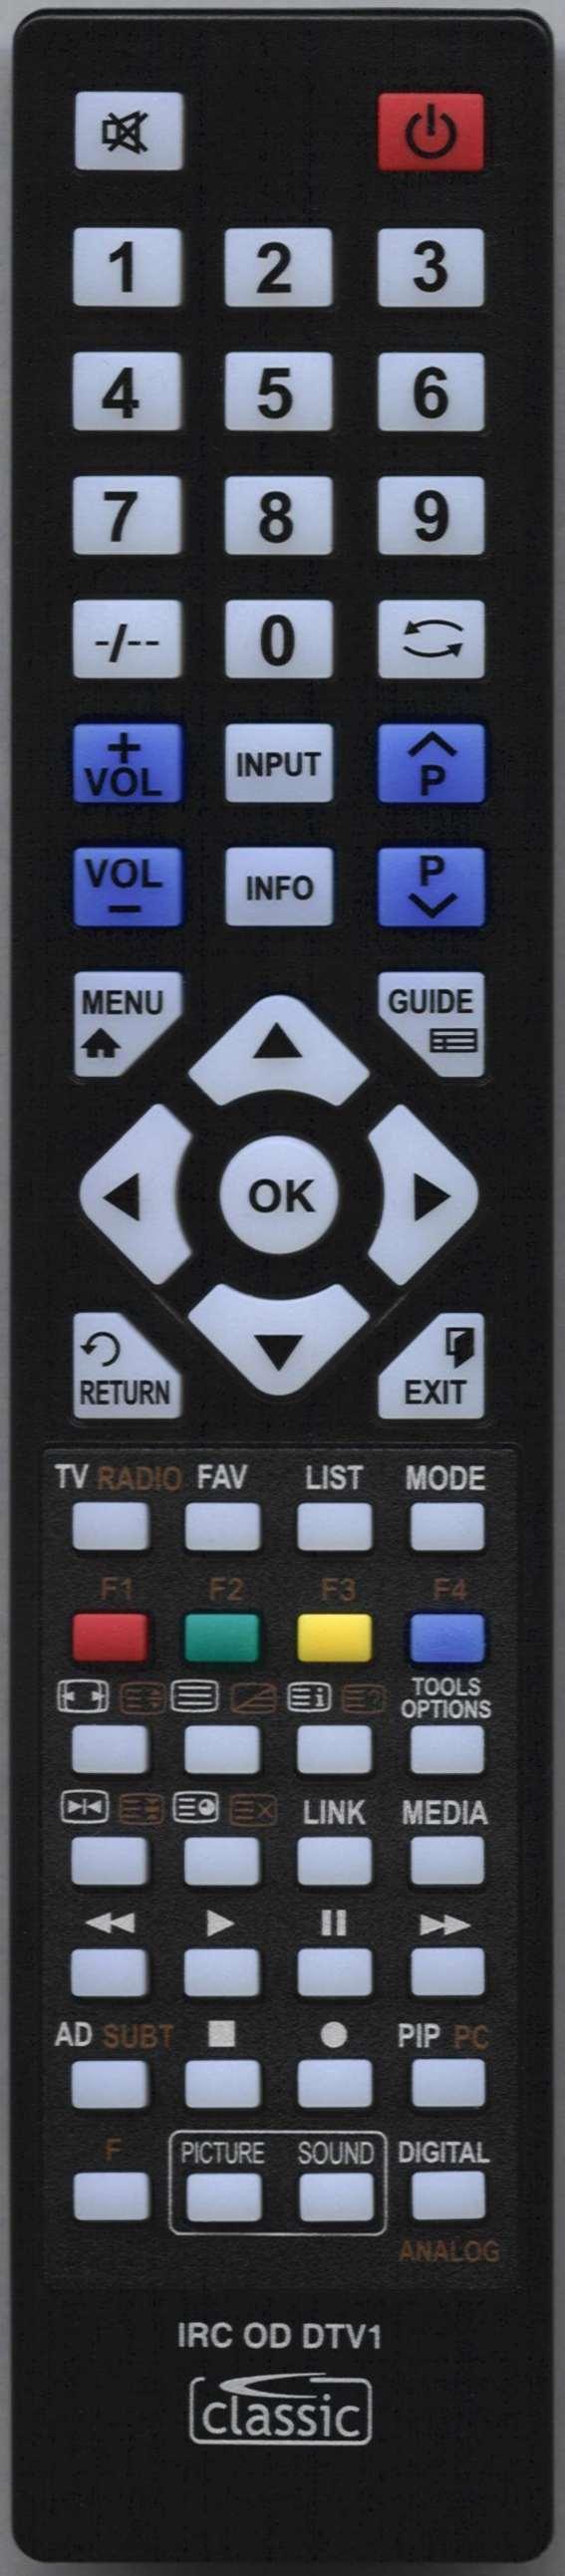 BAIRD JO32LEDB2 Remote Control